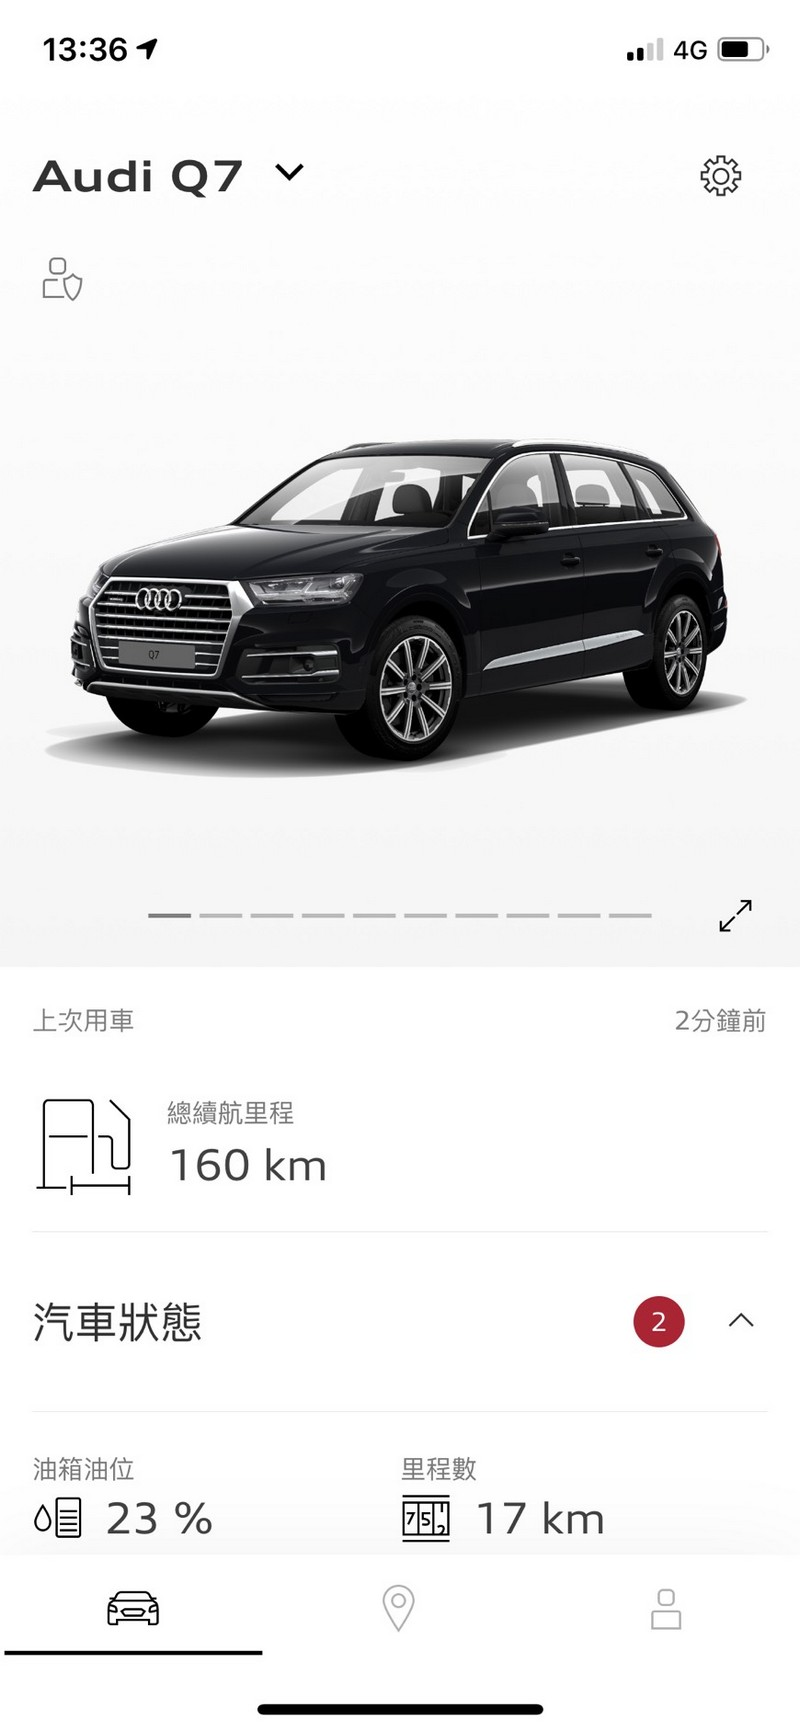 Q7率先搭載Audi Connect車聯網智能服務功能,具有「my智能救援」、「my遠端售服」、「my遠端智聯」服務。